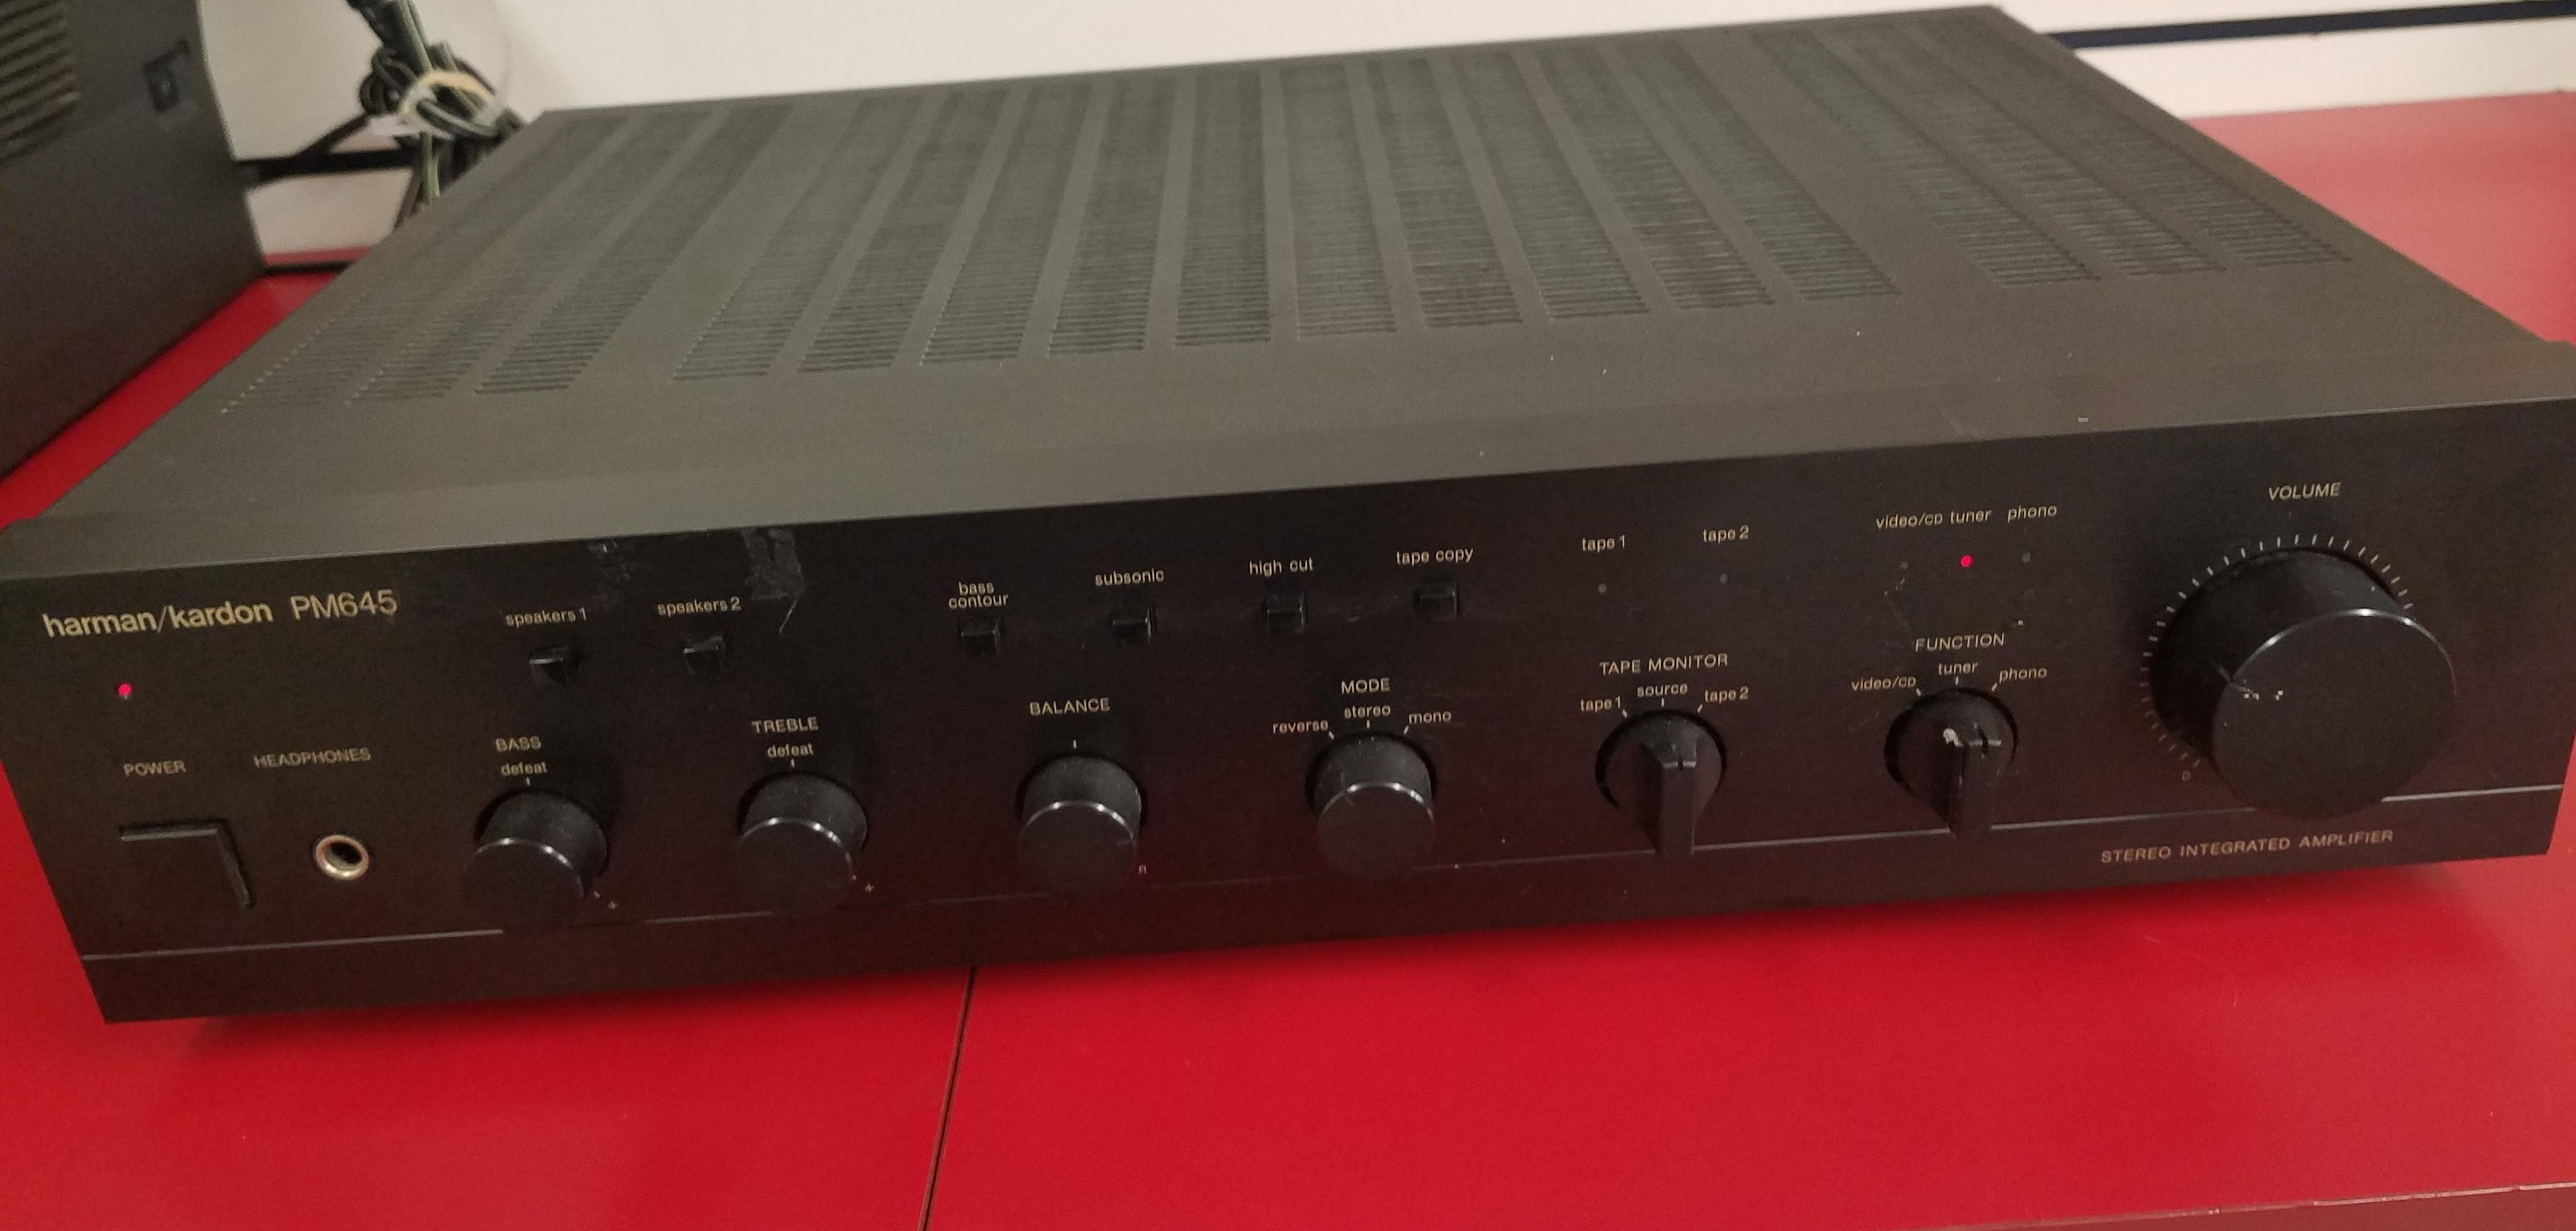 HARMAN/KARDON - PM645 - AMPLIFIER ELECTRONICS